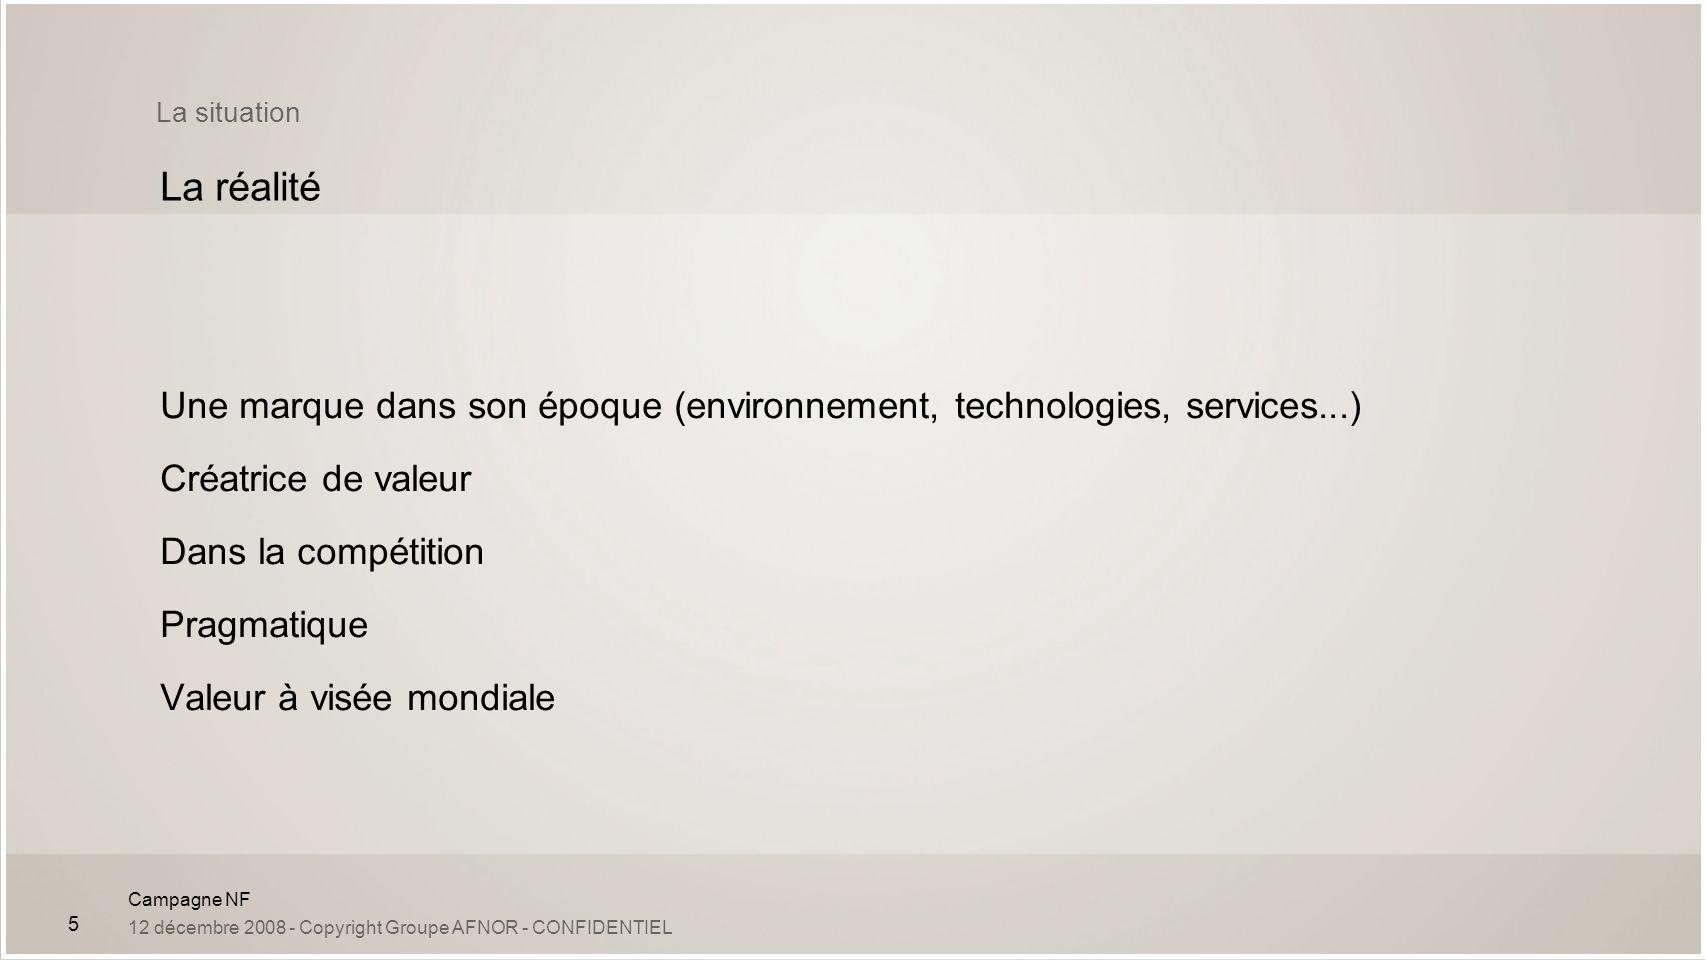 La situation La réalité. Une marque dans son époque (environnement, technologies, services...) Créatrice de valeur.